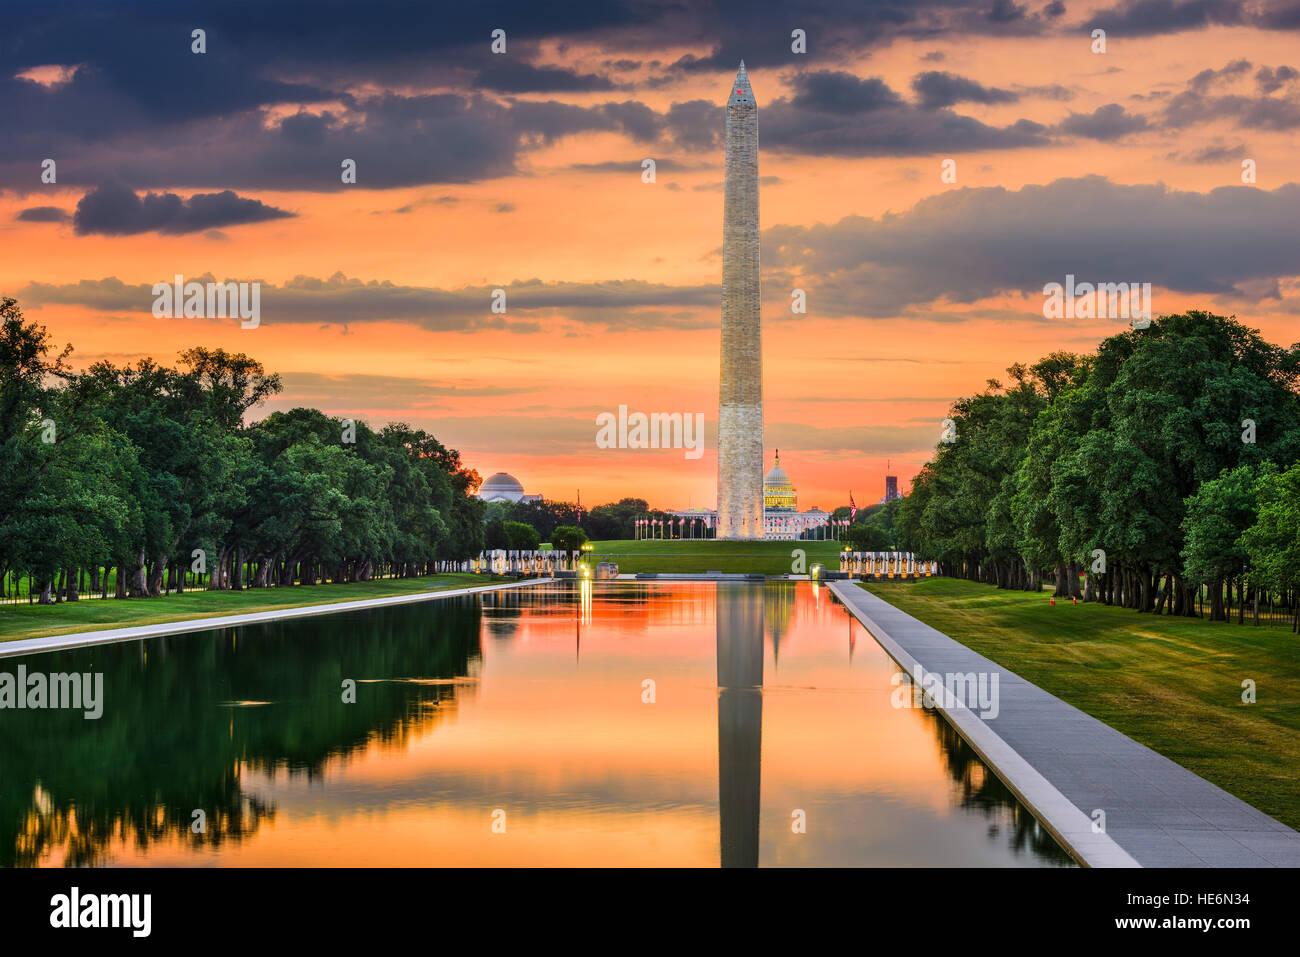 Washington Monument sur le miroir d'eau dans la région de Washington, DC. Banque D'Images